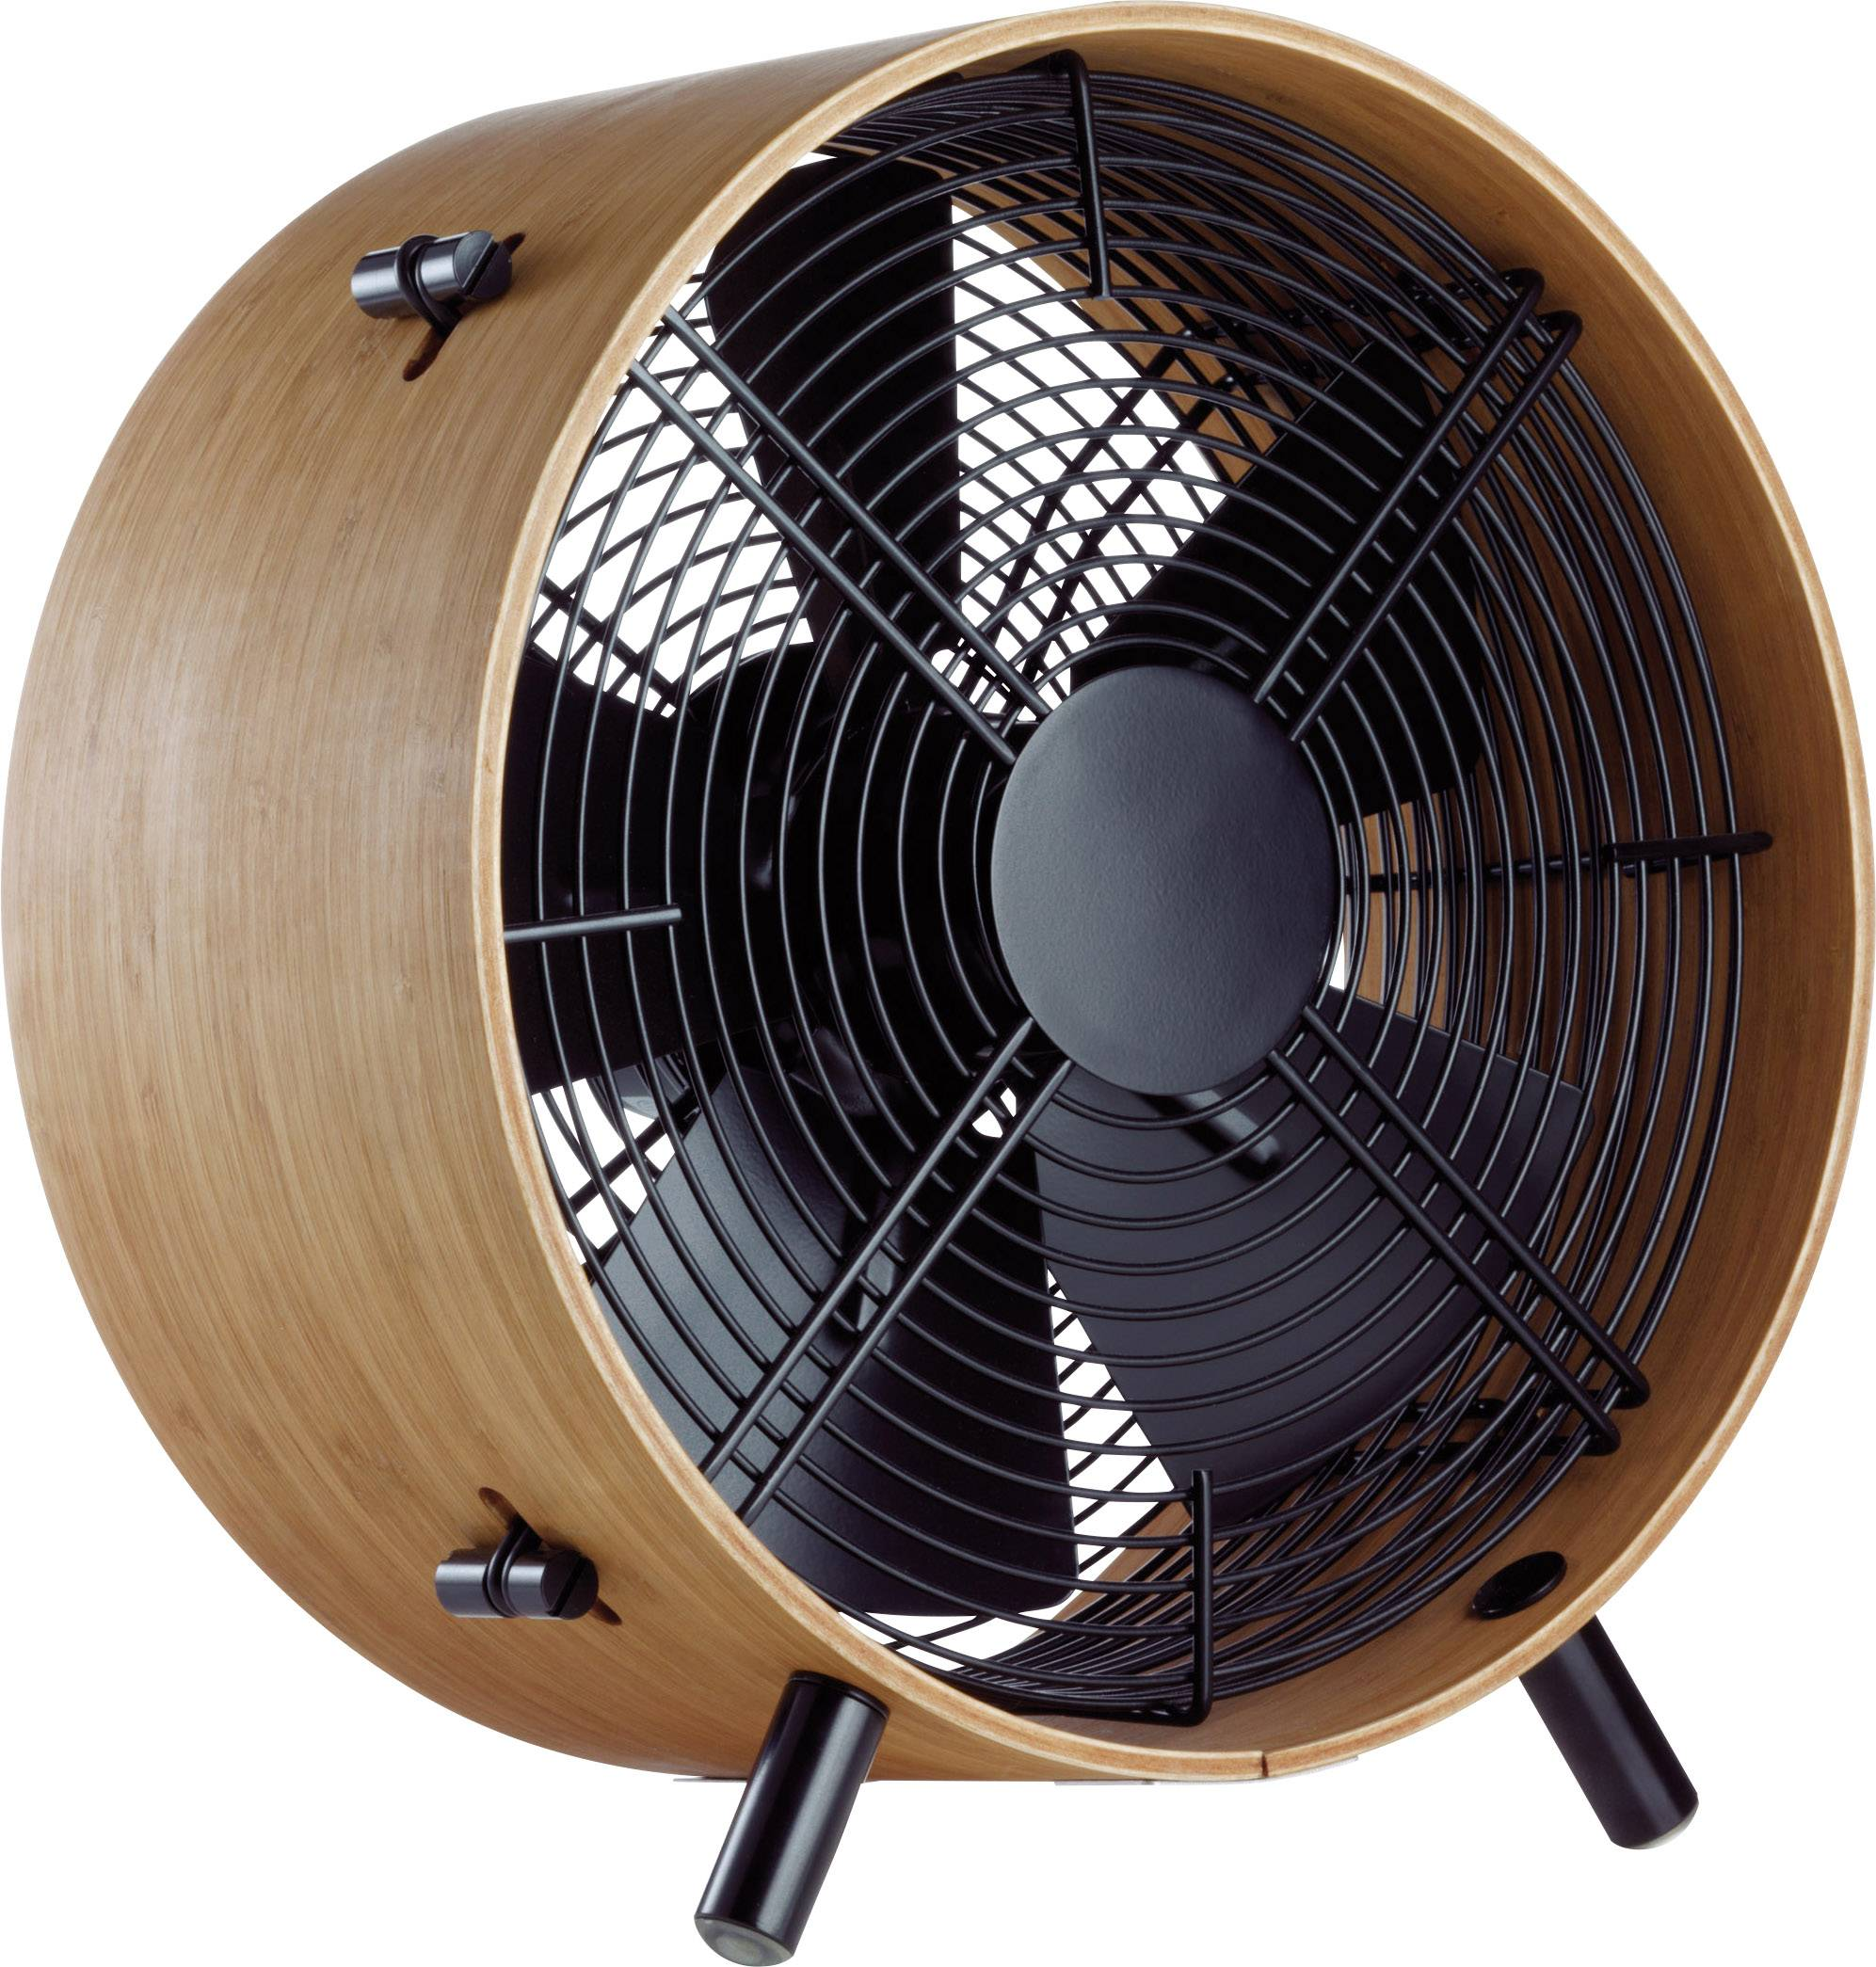 Podlahové a stolové ventilátory